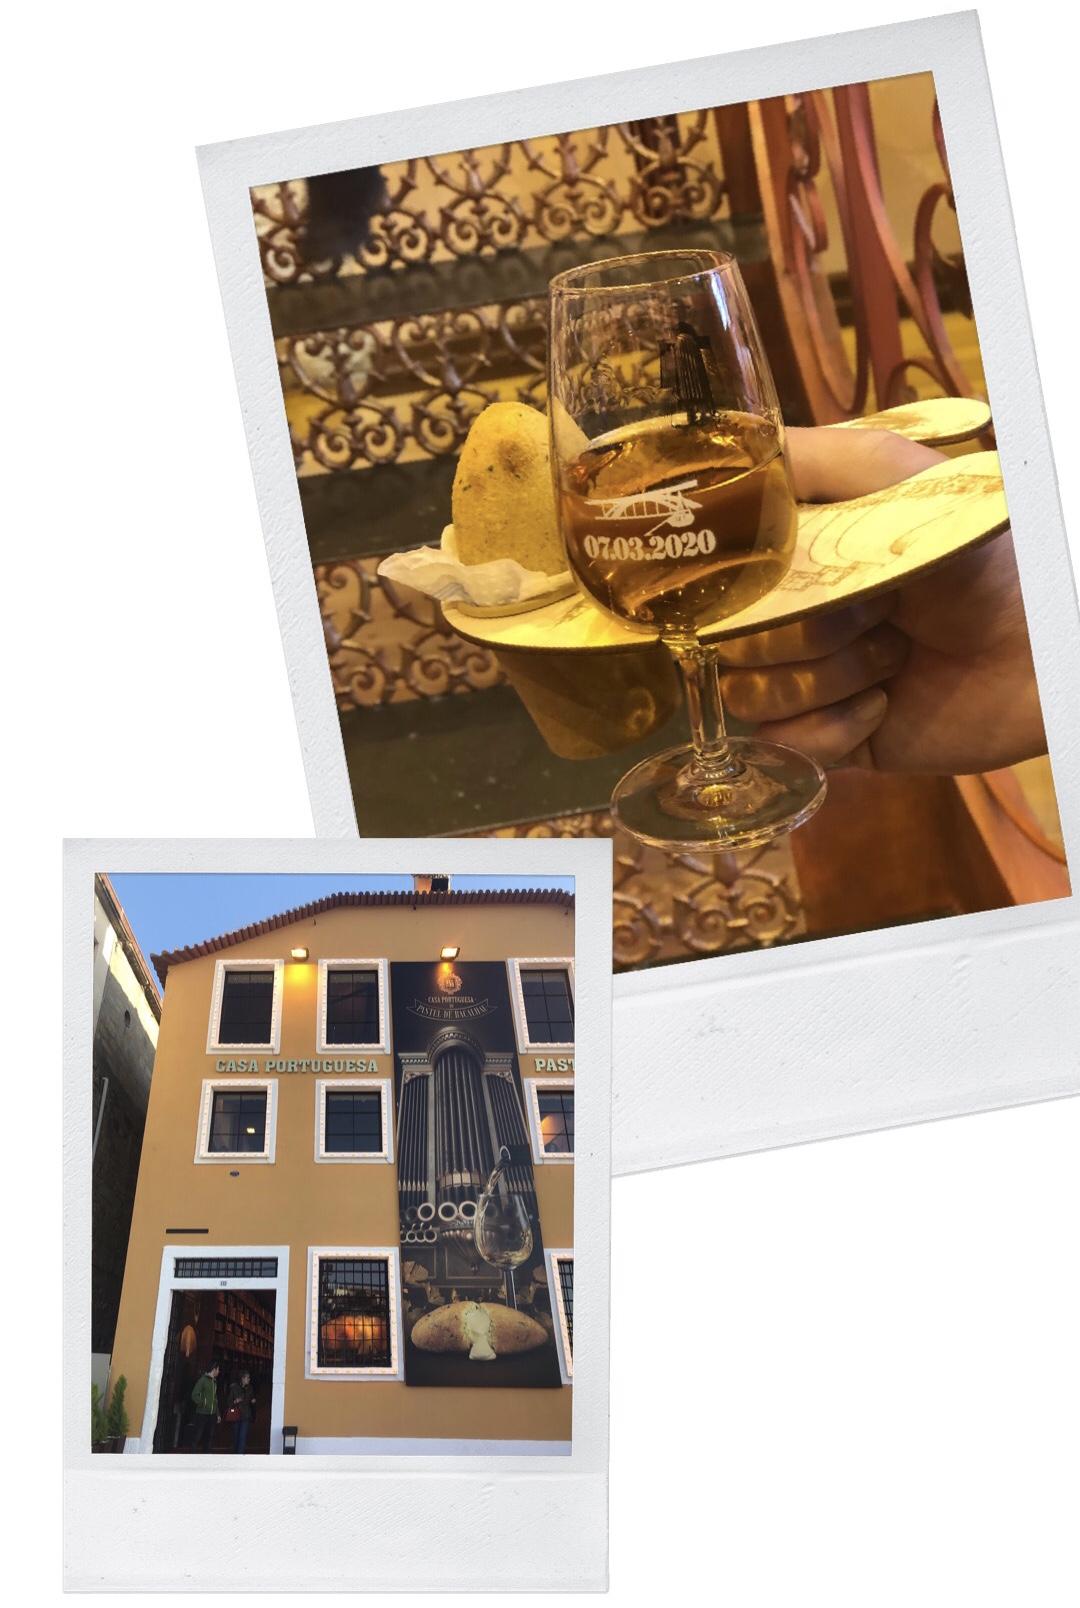 Porto-Reisebericht-Sightseeing-Tipps-Portwein-Vila-Nova-da-Gaia-Miss-Suzie-Loves